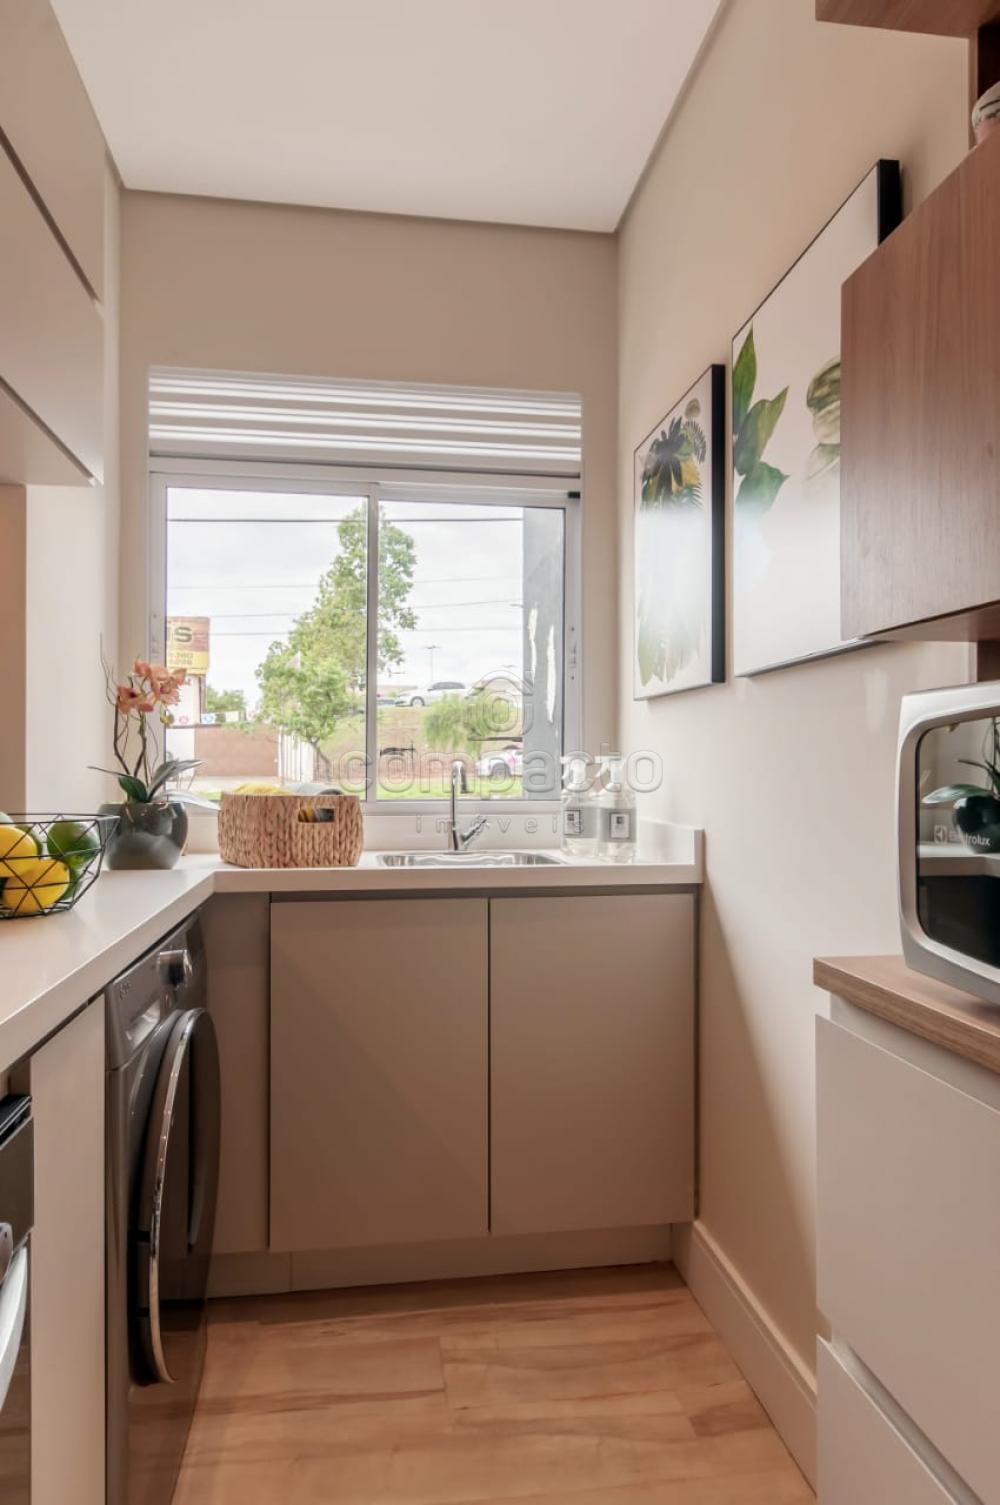 Comprar Apartamento / Padrão em São José do Rio Preto apenas R$ 223.000,00 - Foto 15